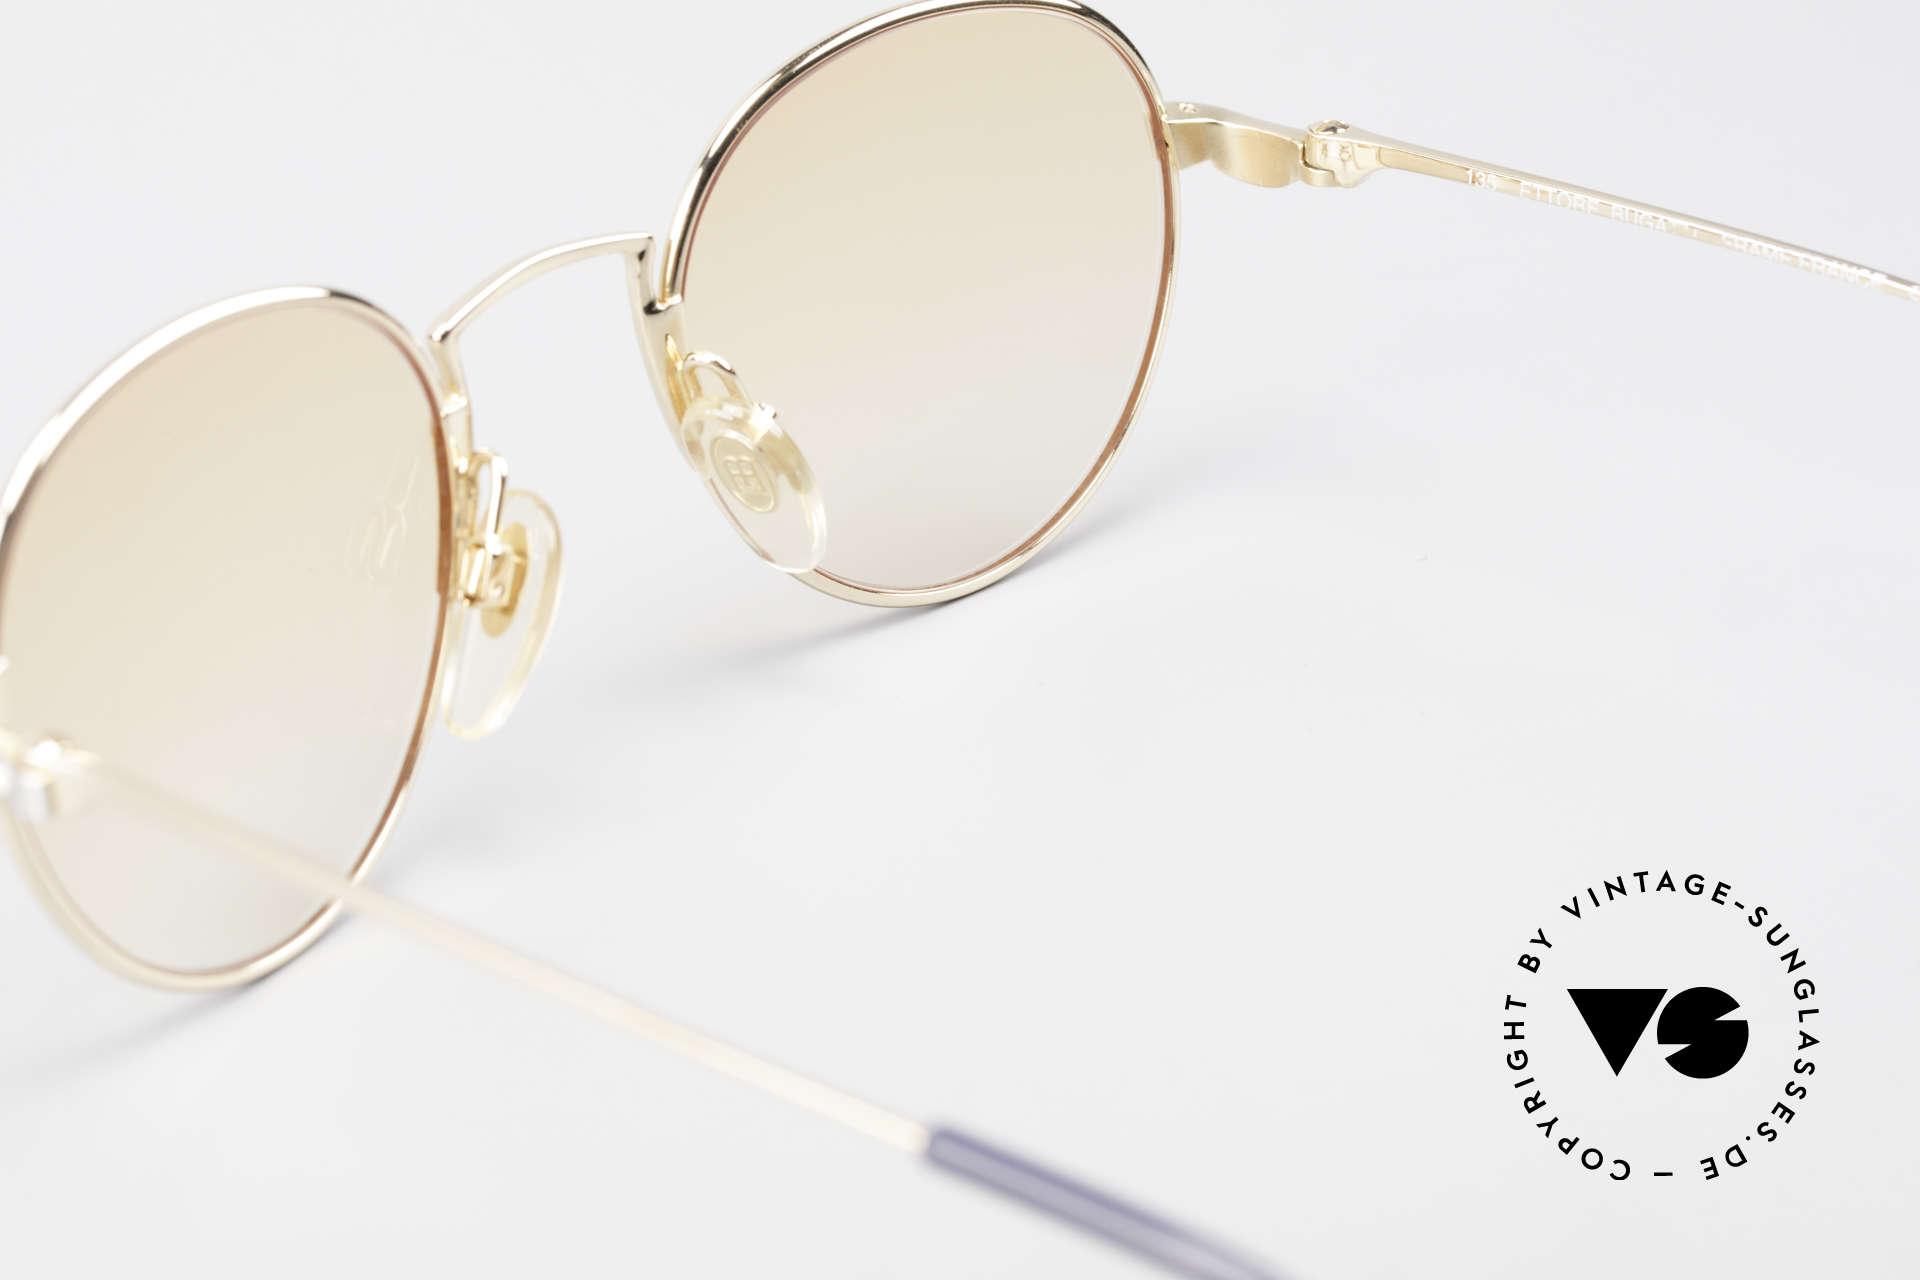 Bugatti EB600 Small 90er Luxus Panto Brille, KEINE RETRObrille, sondern ein altes ORIGINAL, Passend für Herren